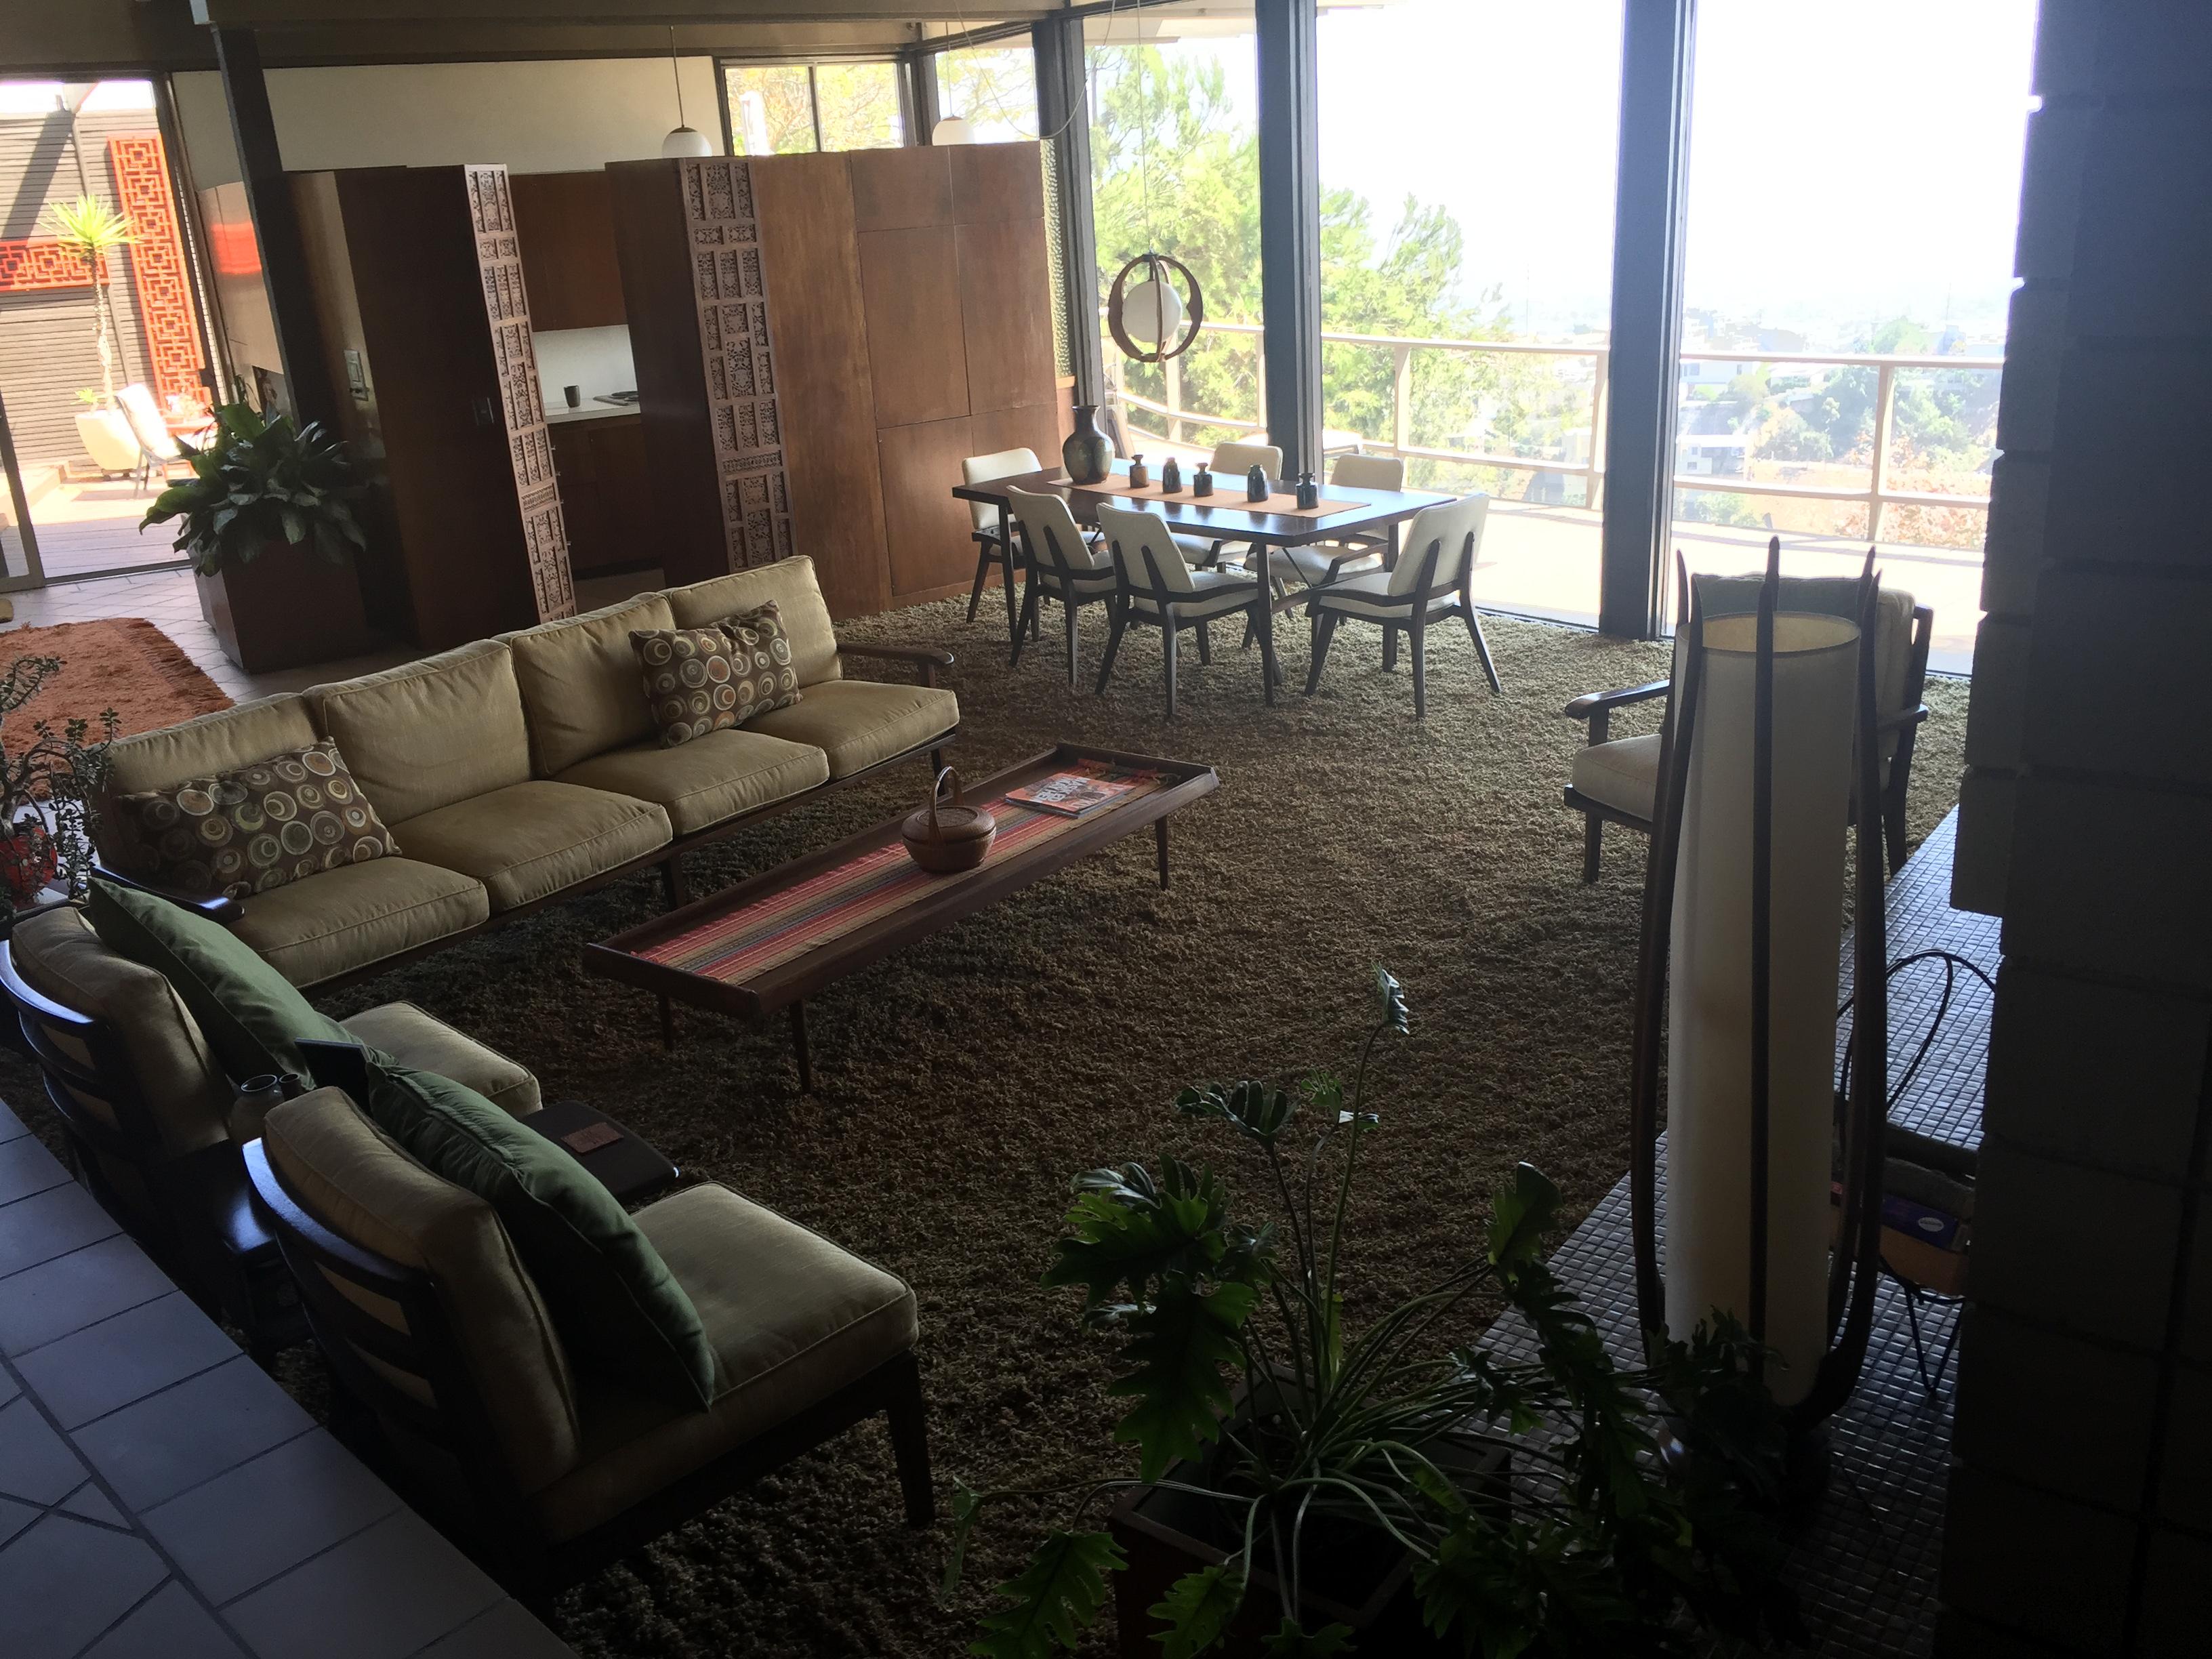 Studio City Screen Doors installed in Living Room